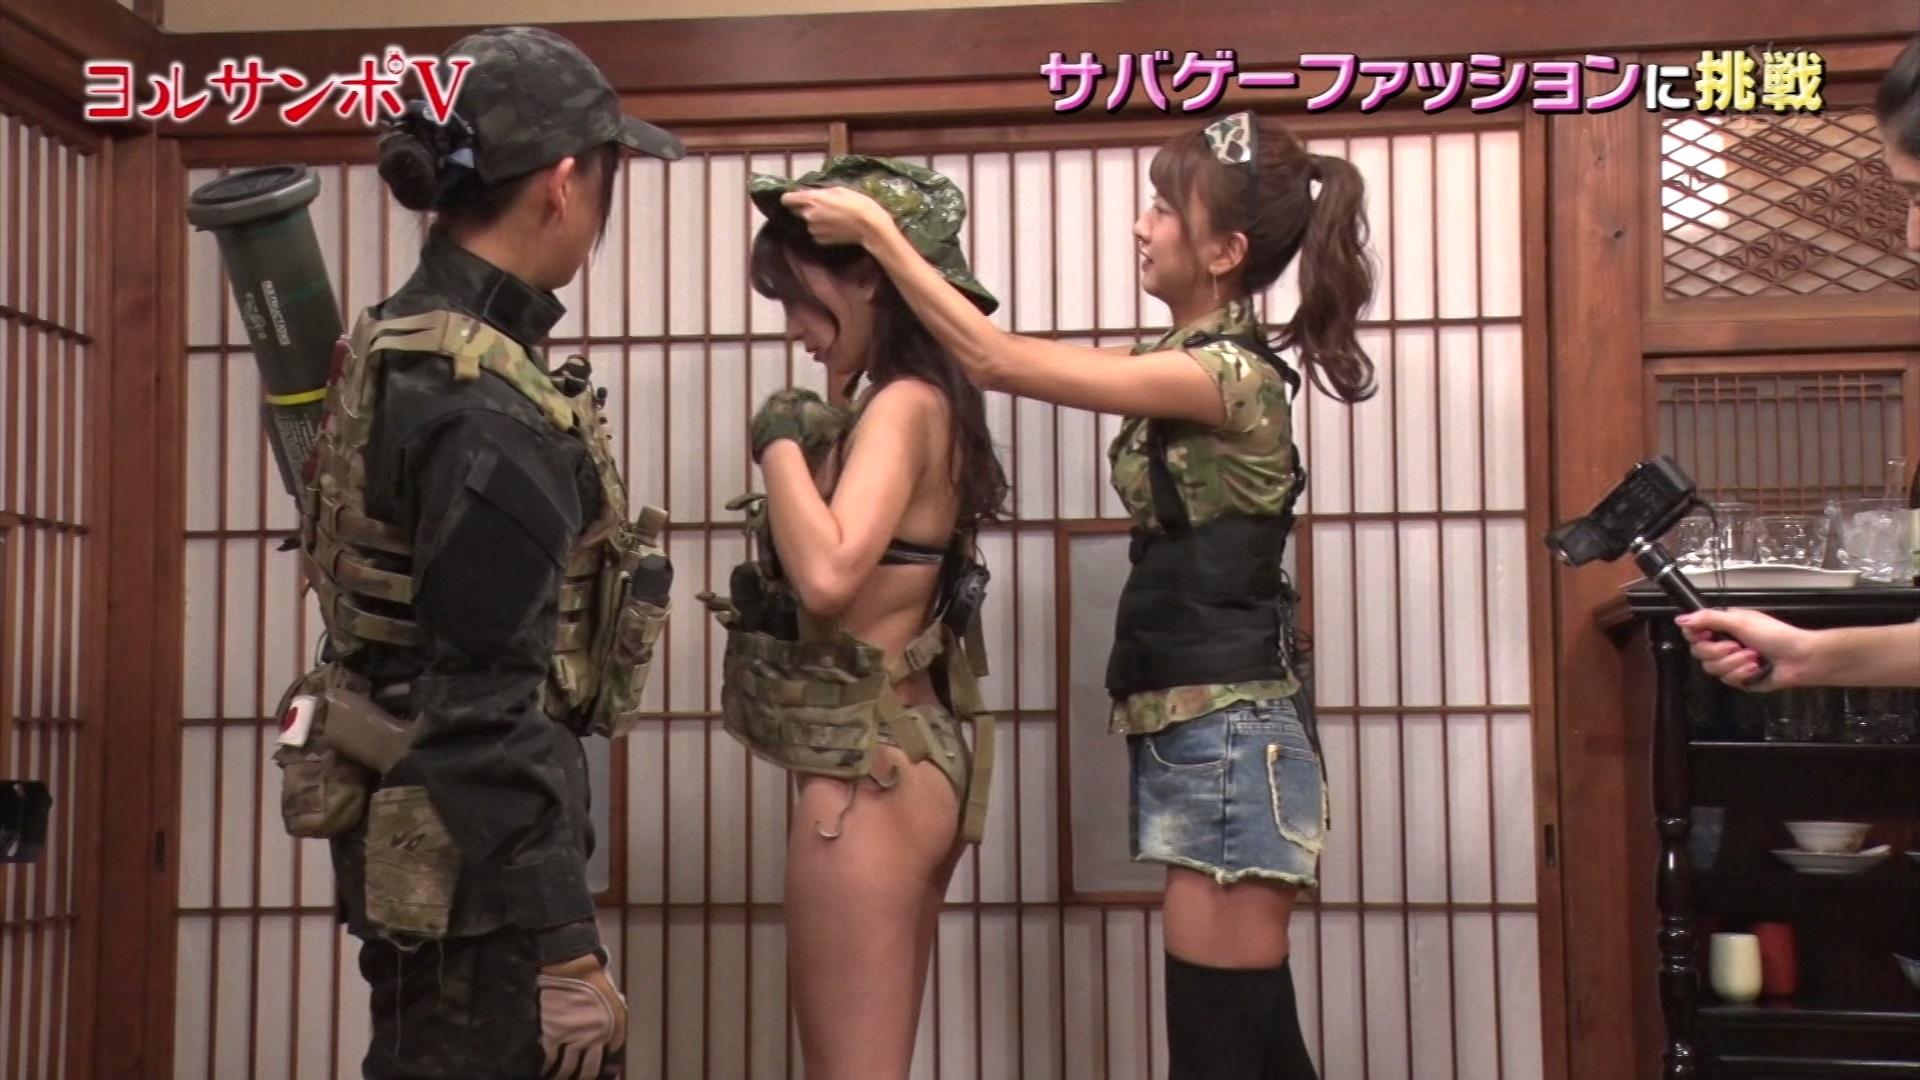 森咲智美さんの「橋本マナミのヨルサンポⅤ♯4」テレビキャプチャー画像-159